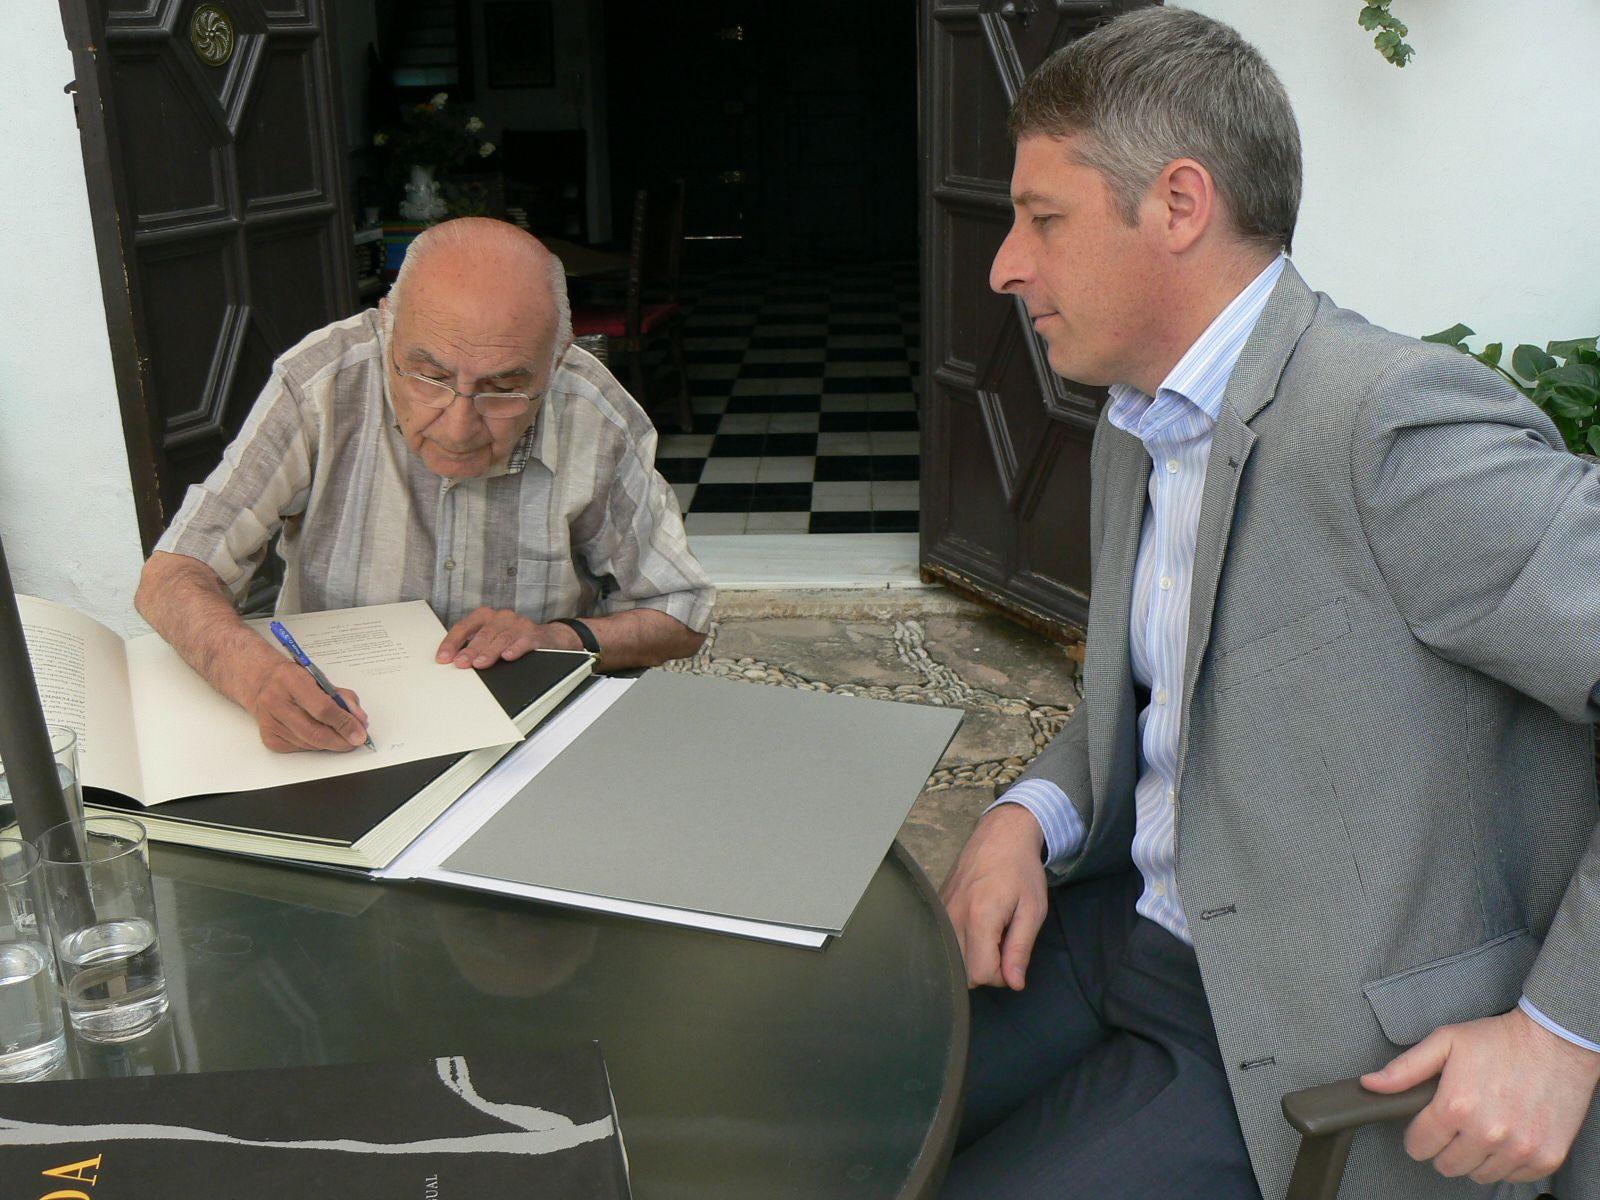 El poeta ha recibido diversos homenajes en su pueblo natal, Oliva, donde se creó la Fundación Francisco Brines. Esta fotografía fue tomada en 2019, cuando el consistorio adquirió «La iluminada rosa negra».